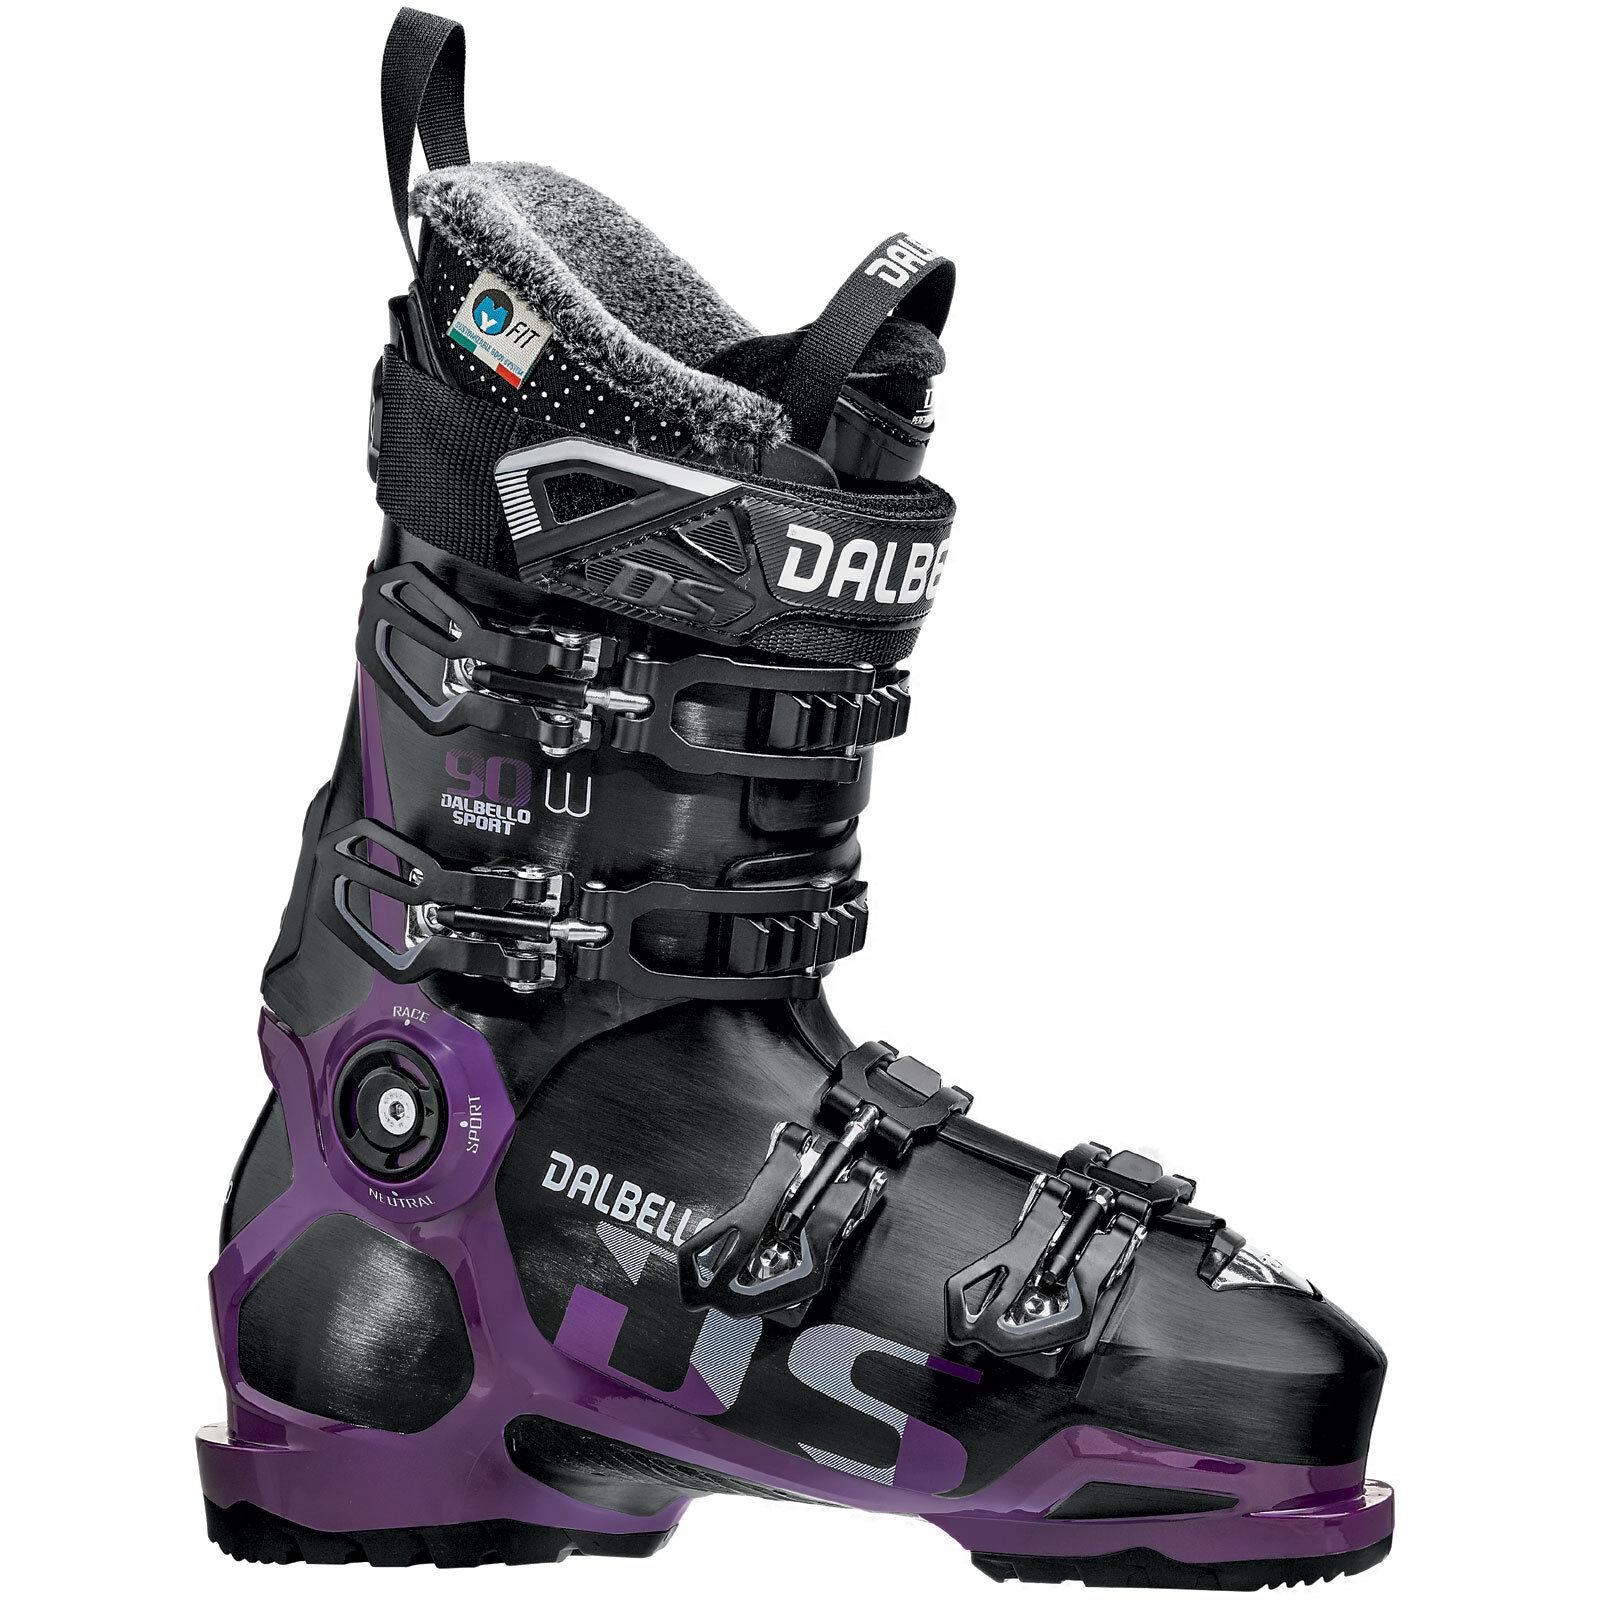 Dalbello DS 90 W LS Damen-Skischuhe Alpin-Skistiefel Ski Schuhe Schuhe Schuhe Stiefel Pisten 0682f6